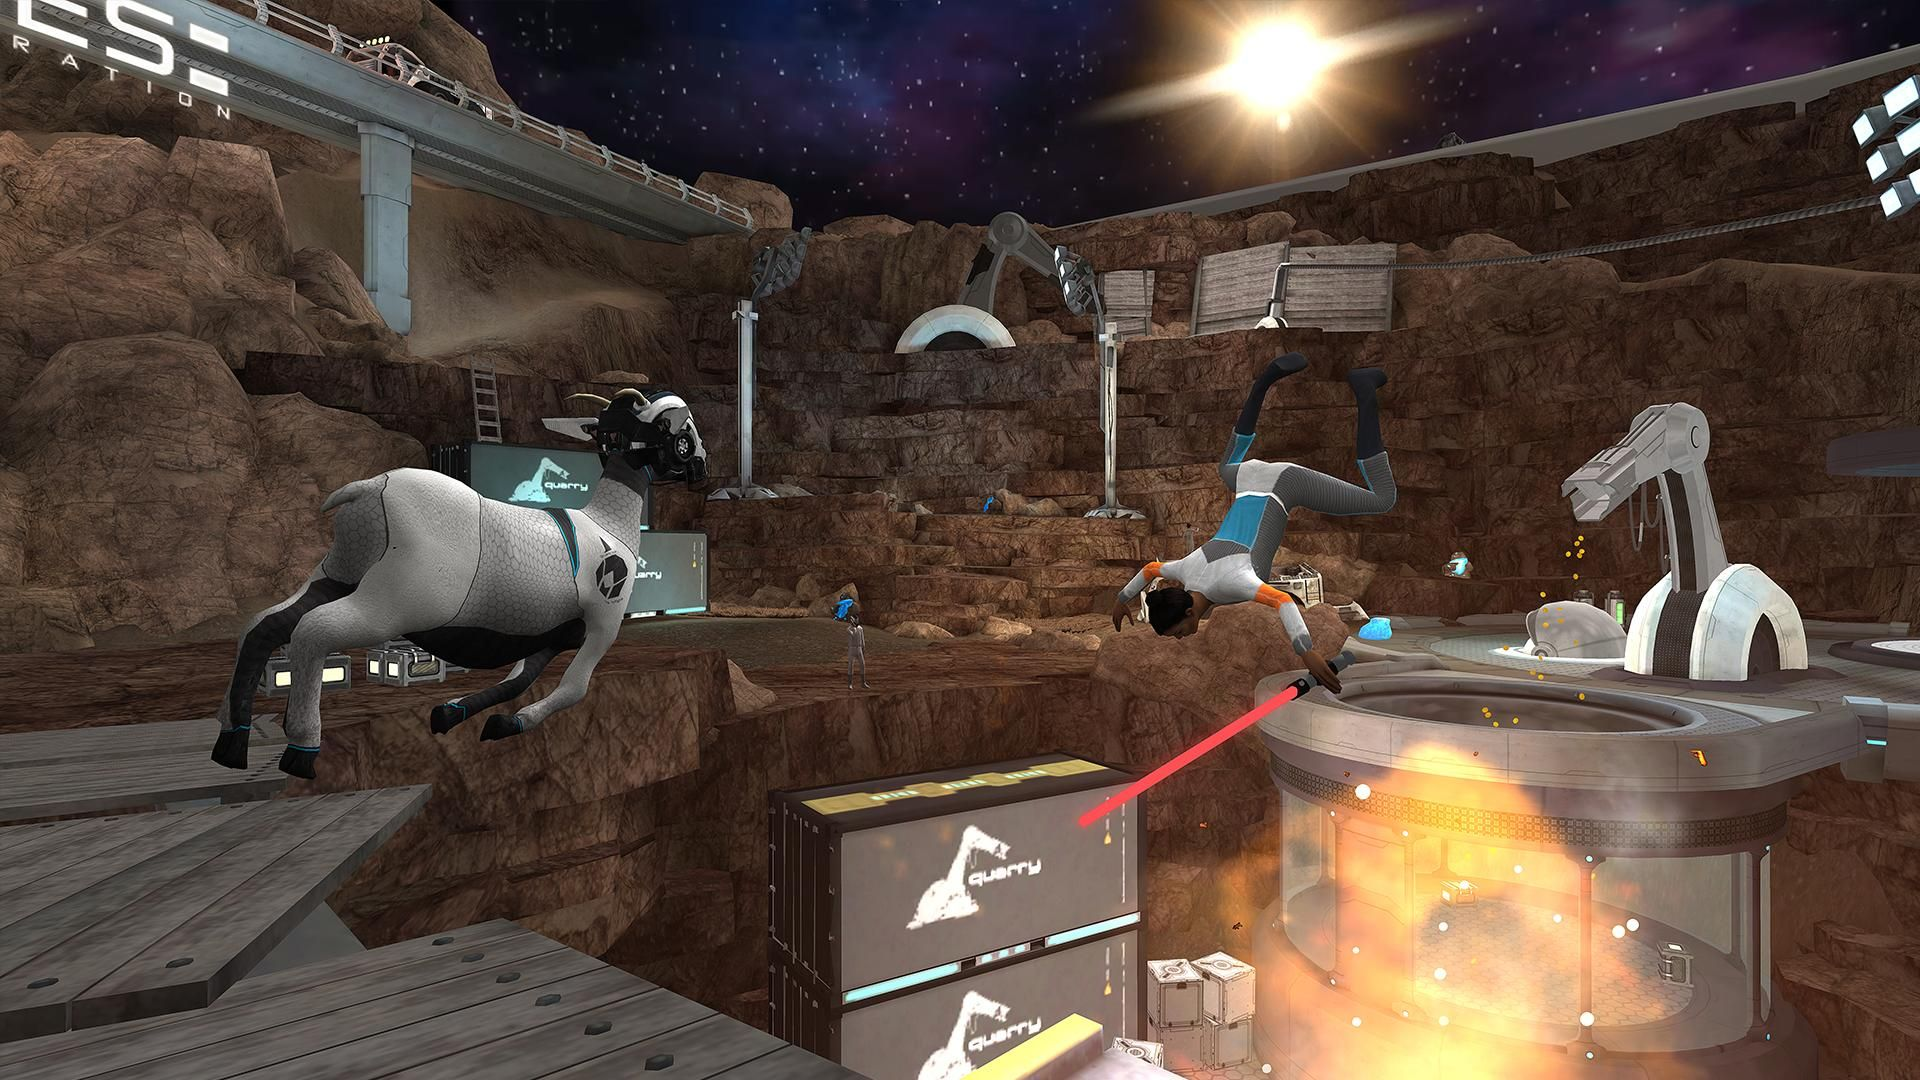 模拟山羊:太空废物 游戏截图5